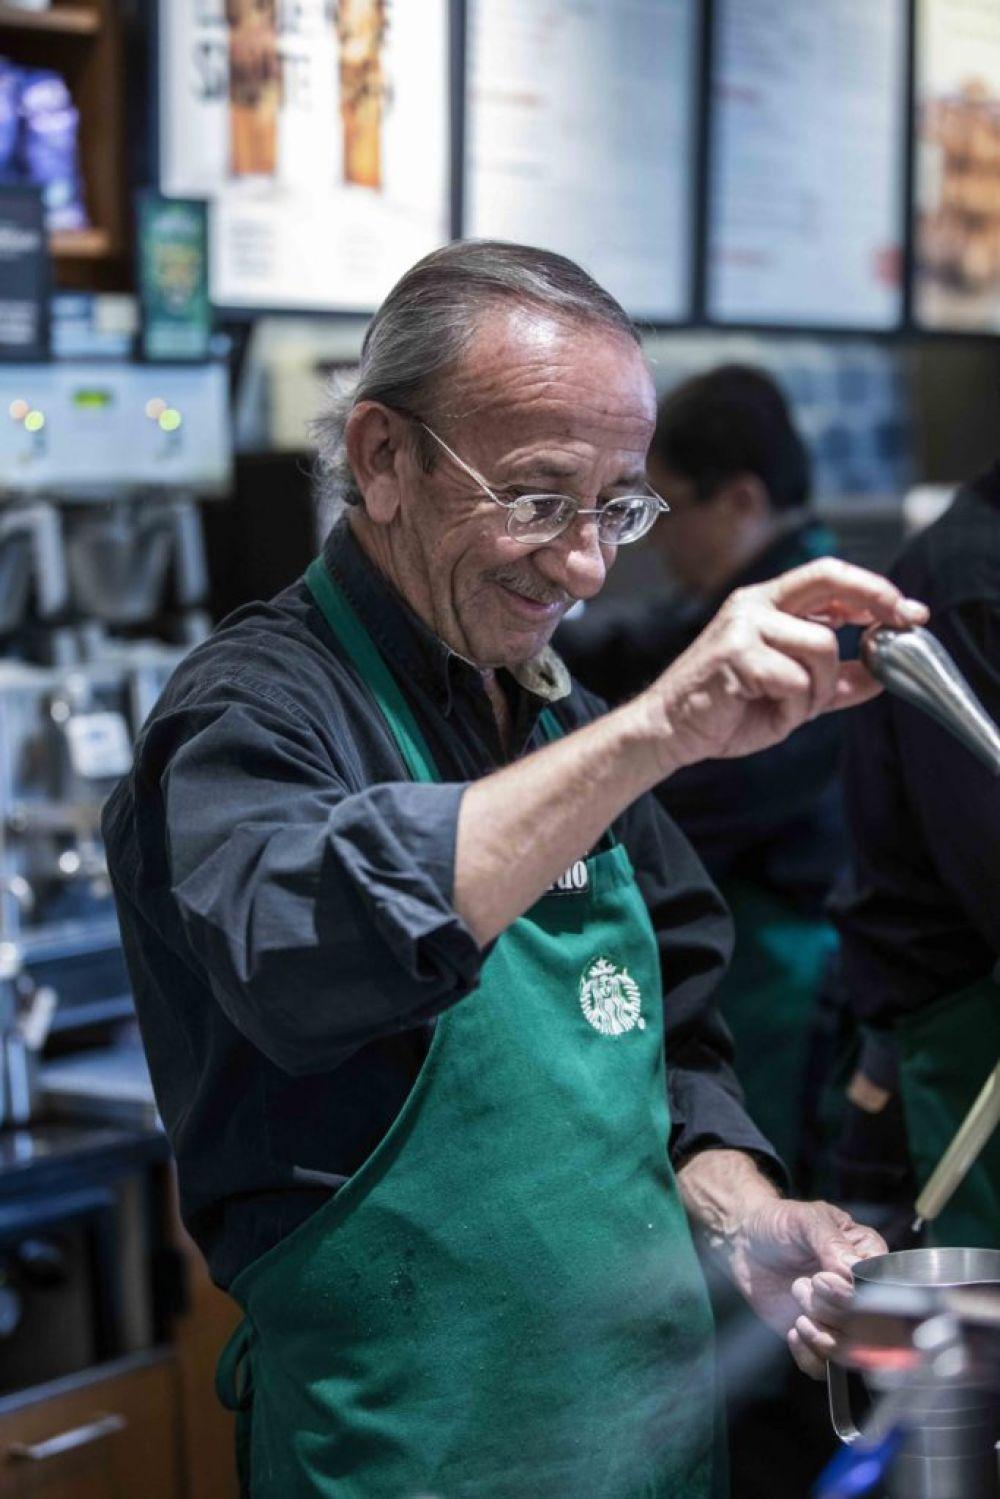 Starbucks Mexico tienda adultos mayores